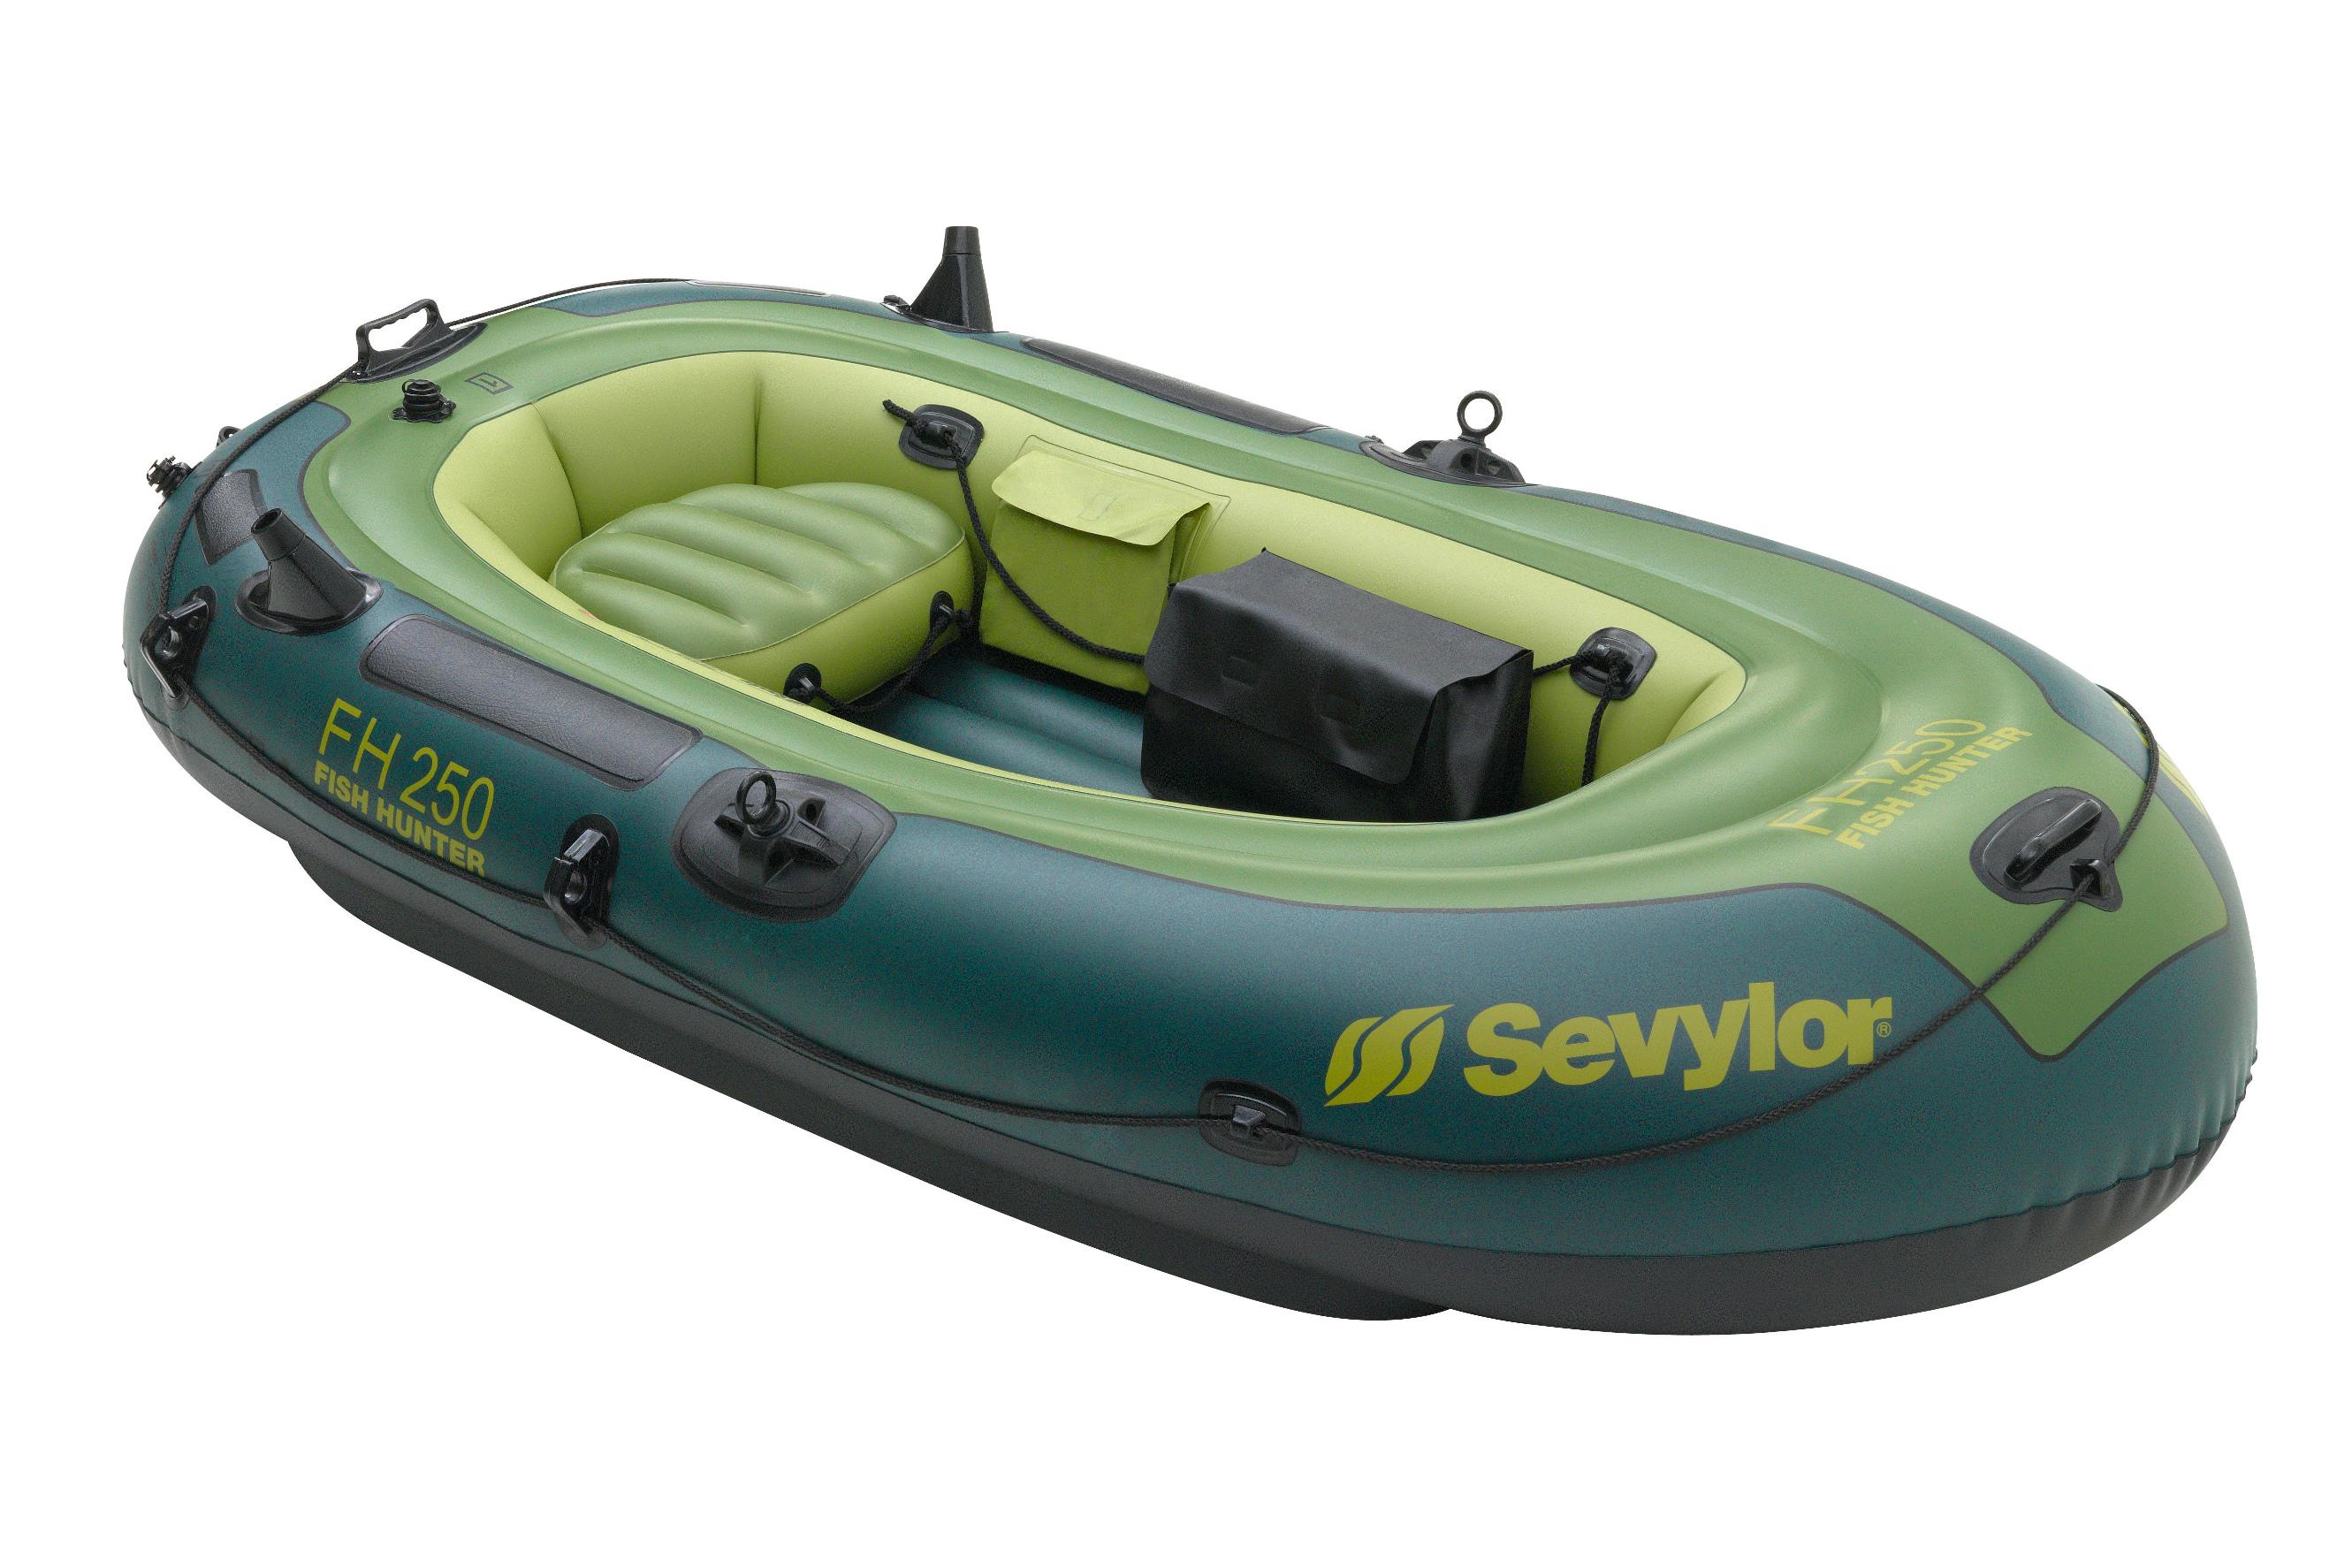 Sevylor piscine for Liner pour piscine sevylor